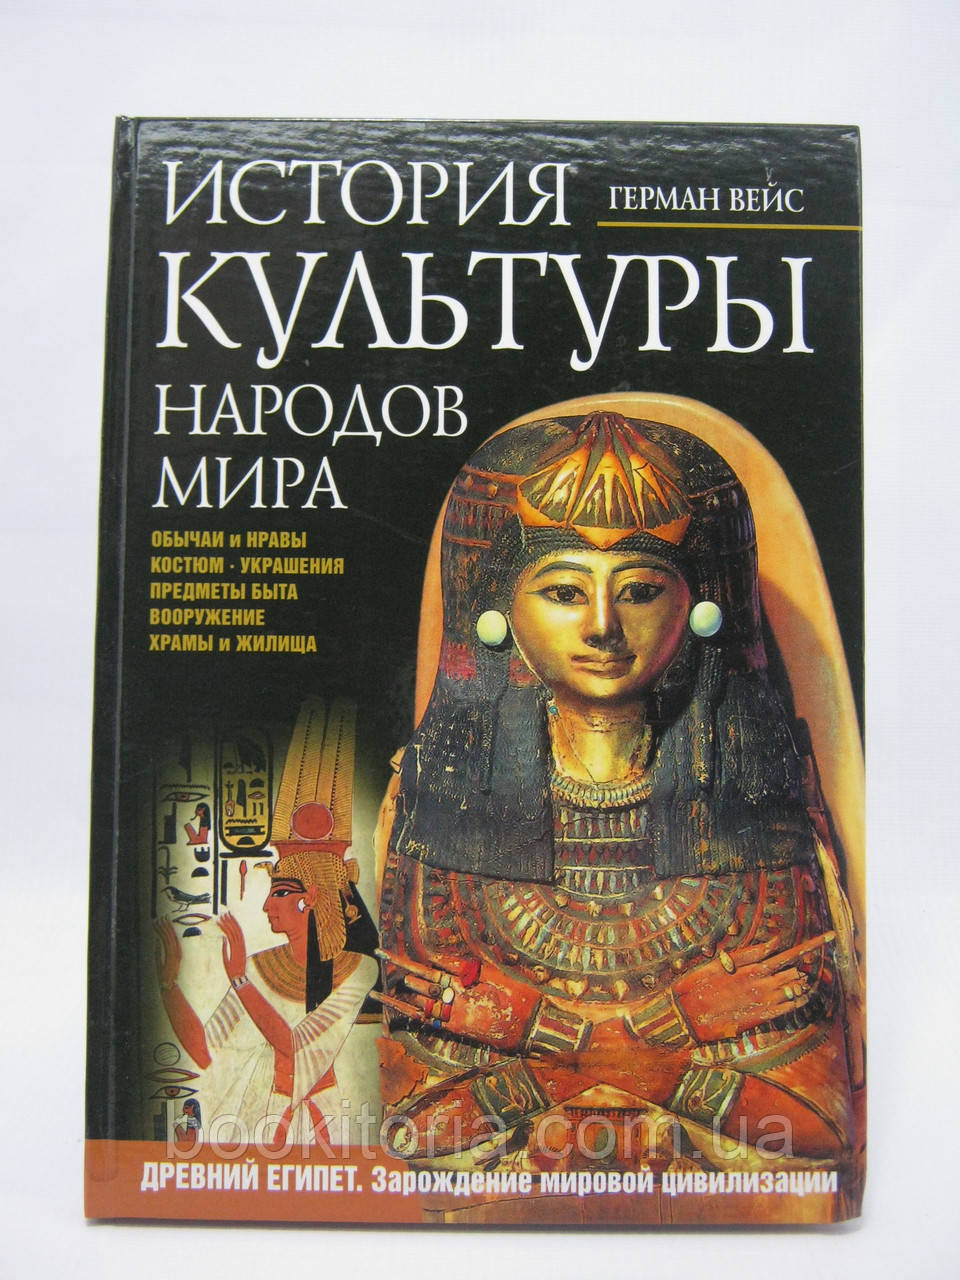 Вейс Г. Древний Египет. Зарождение мировой цивилизации (б/у).